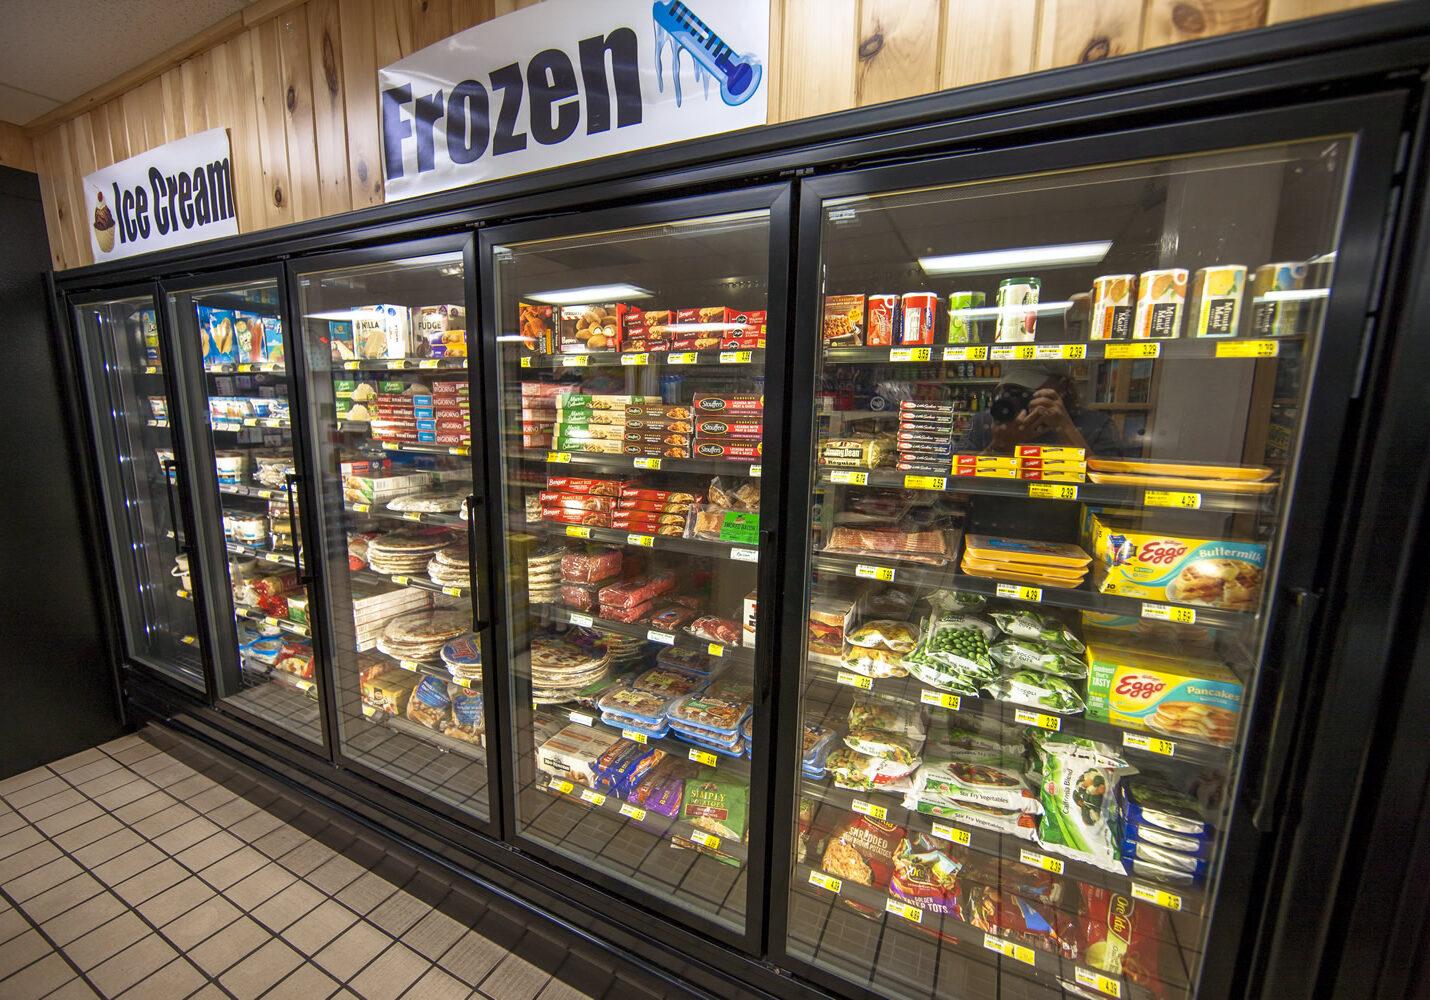 karsyns-korner-frozen-food-ice-cream-coolers-001